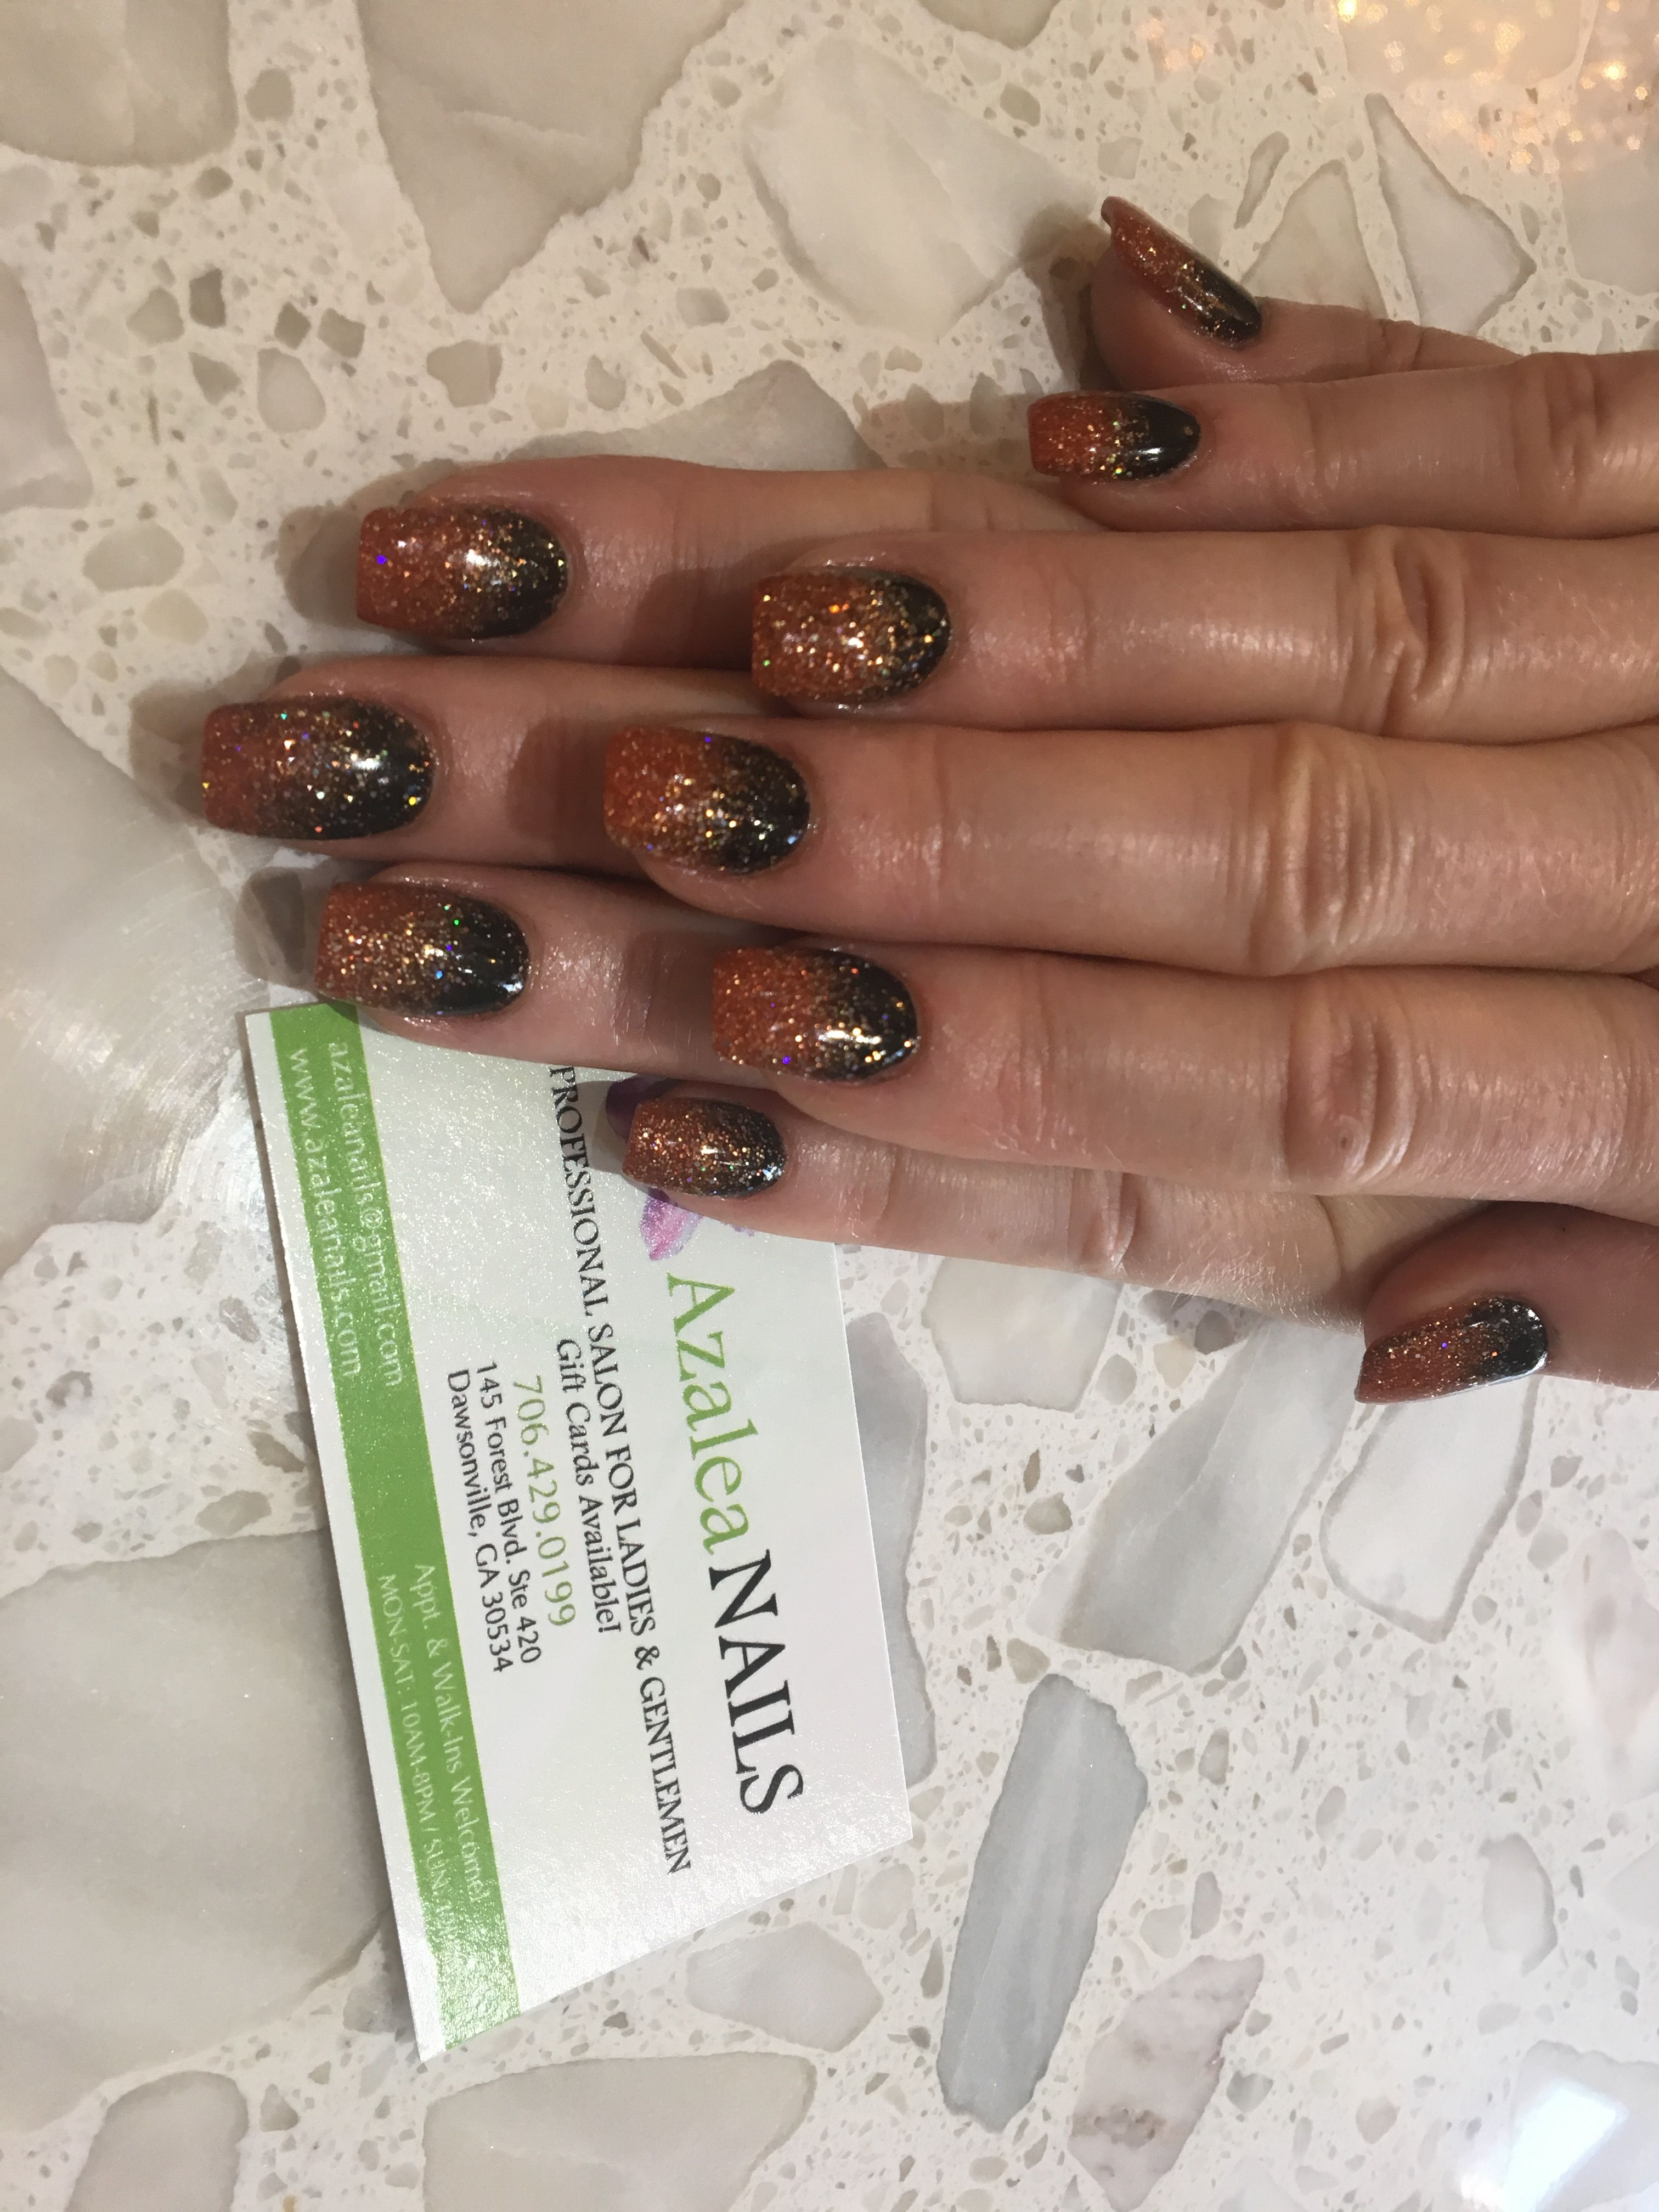 SNS Halloween nails | My nails, Sns nails, Nails